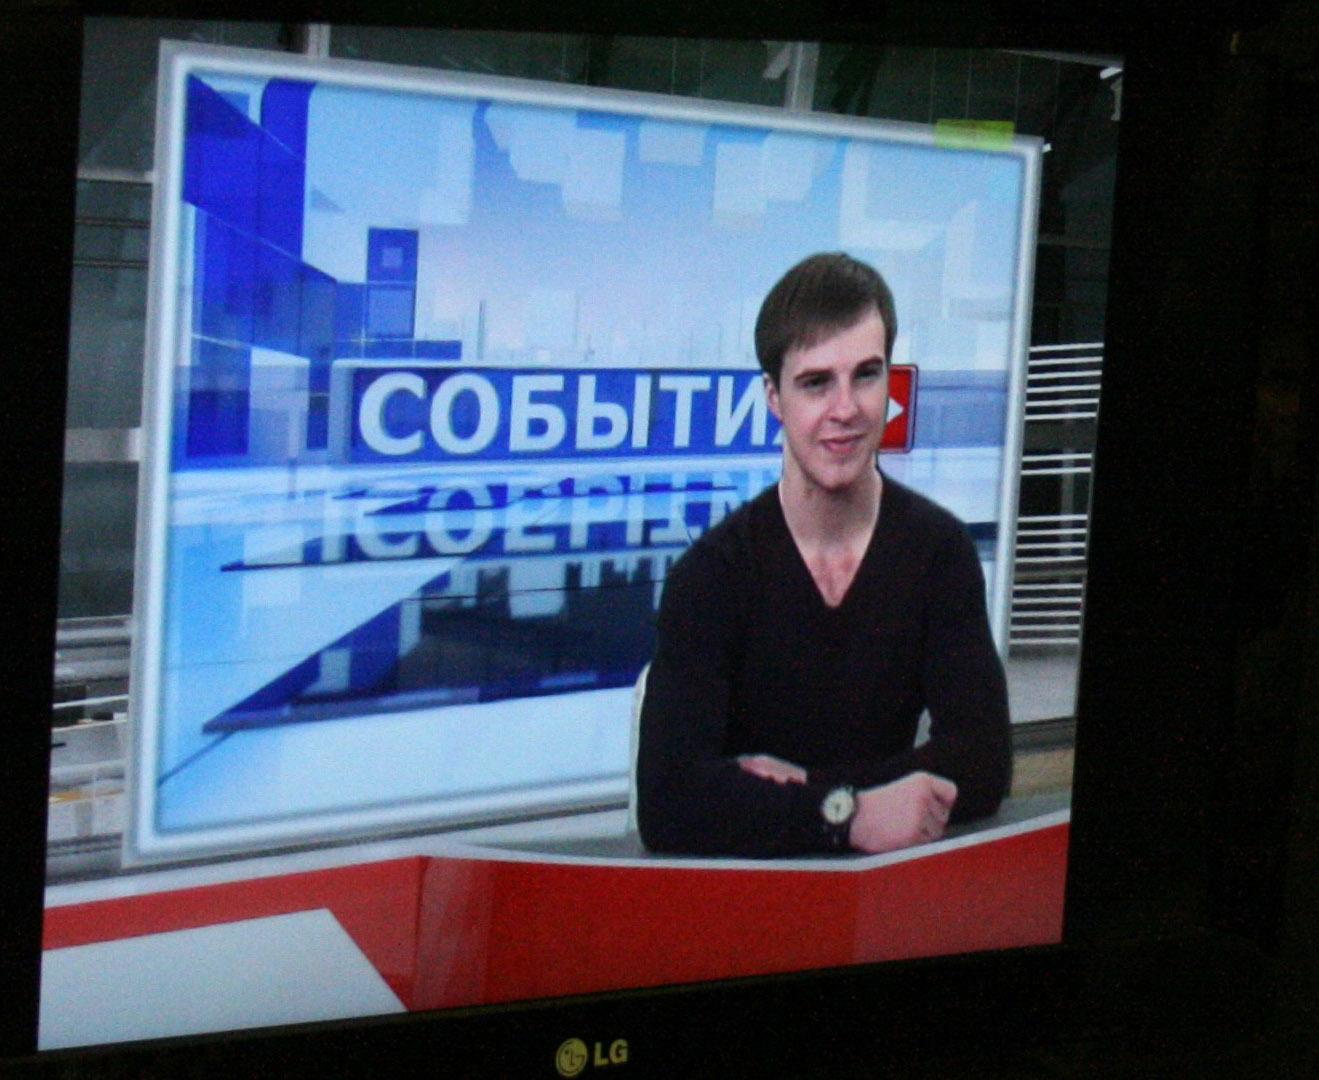 7.Женя Воронцов в роли телеведущего